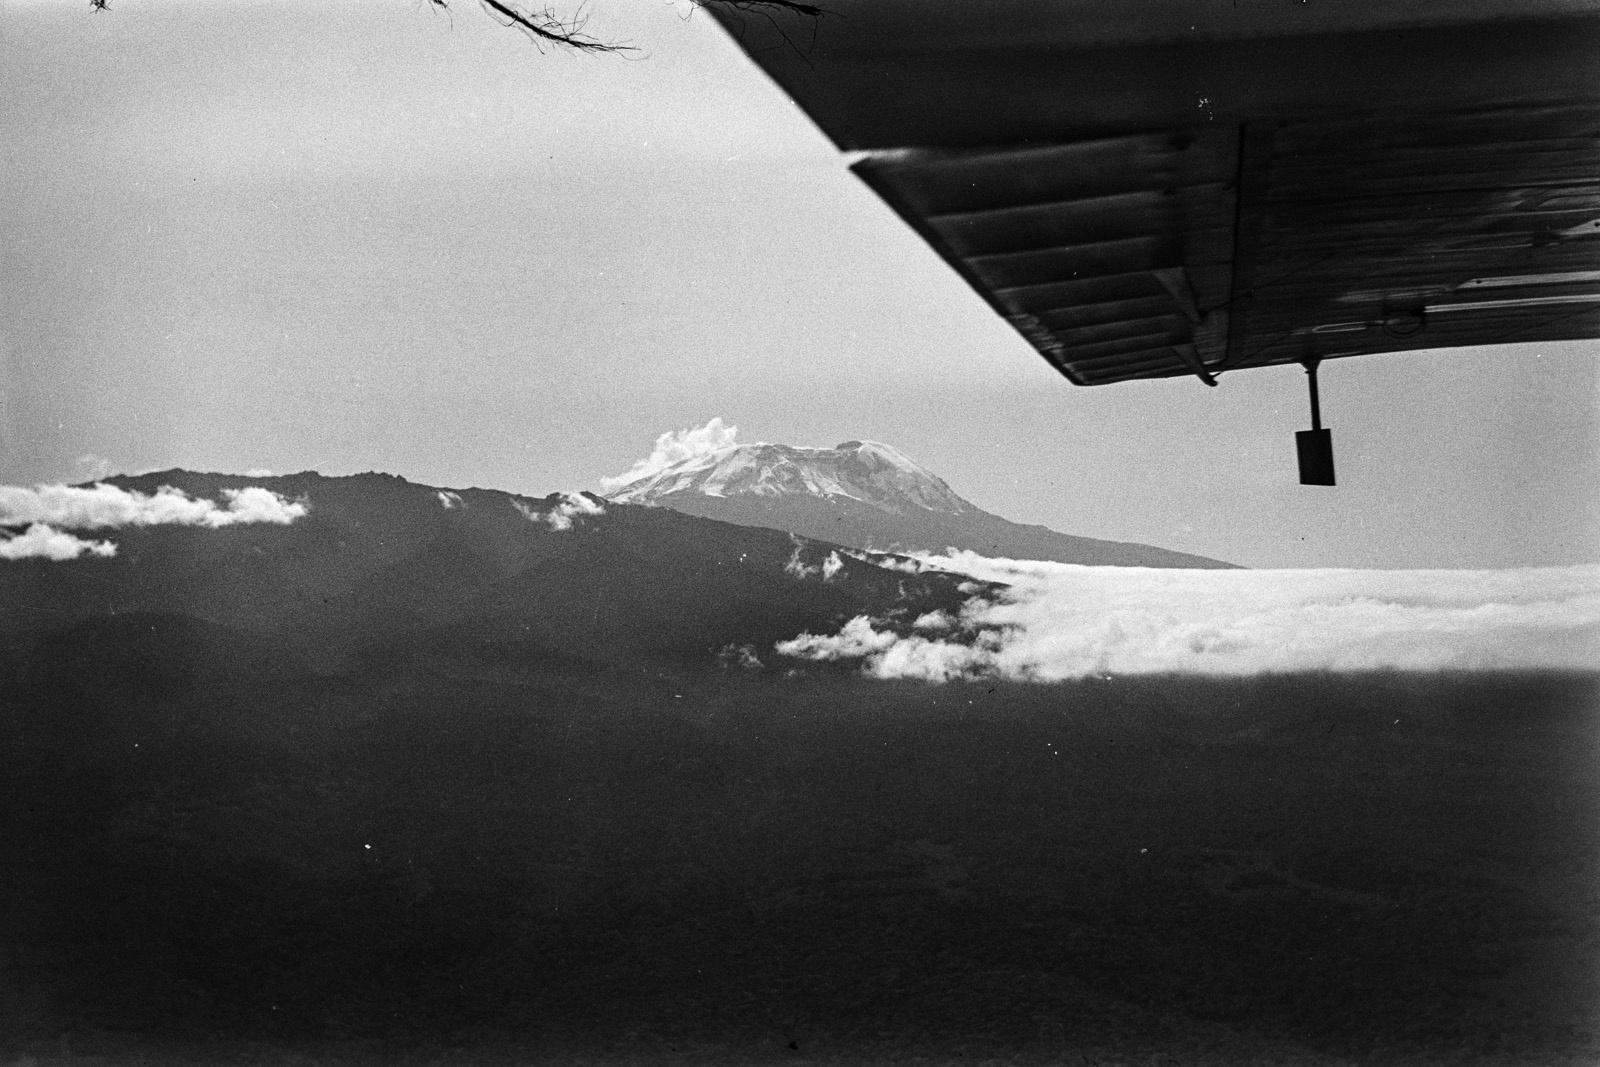 Танзания. Вид Килиманджаро.